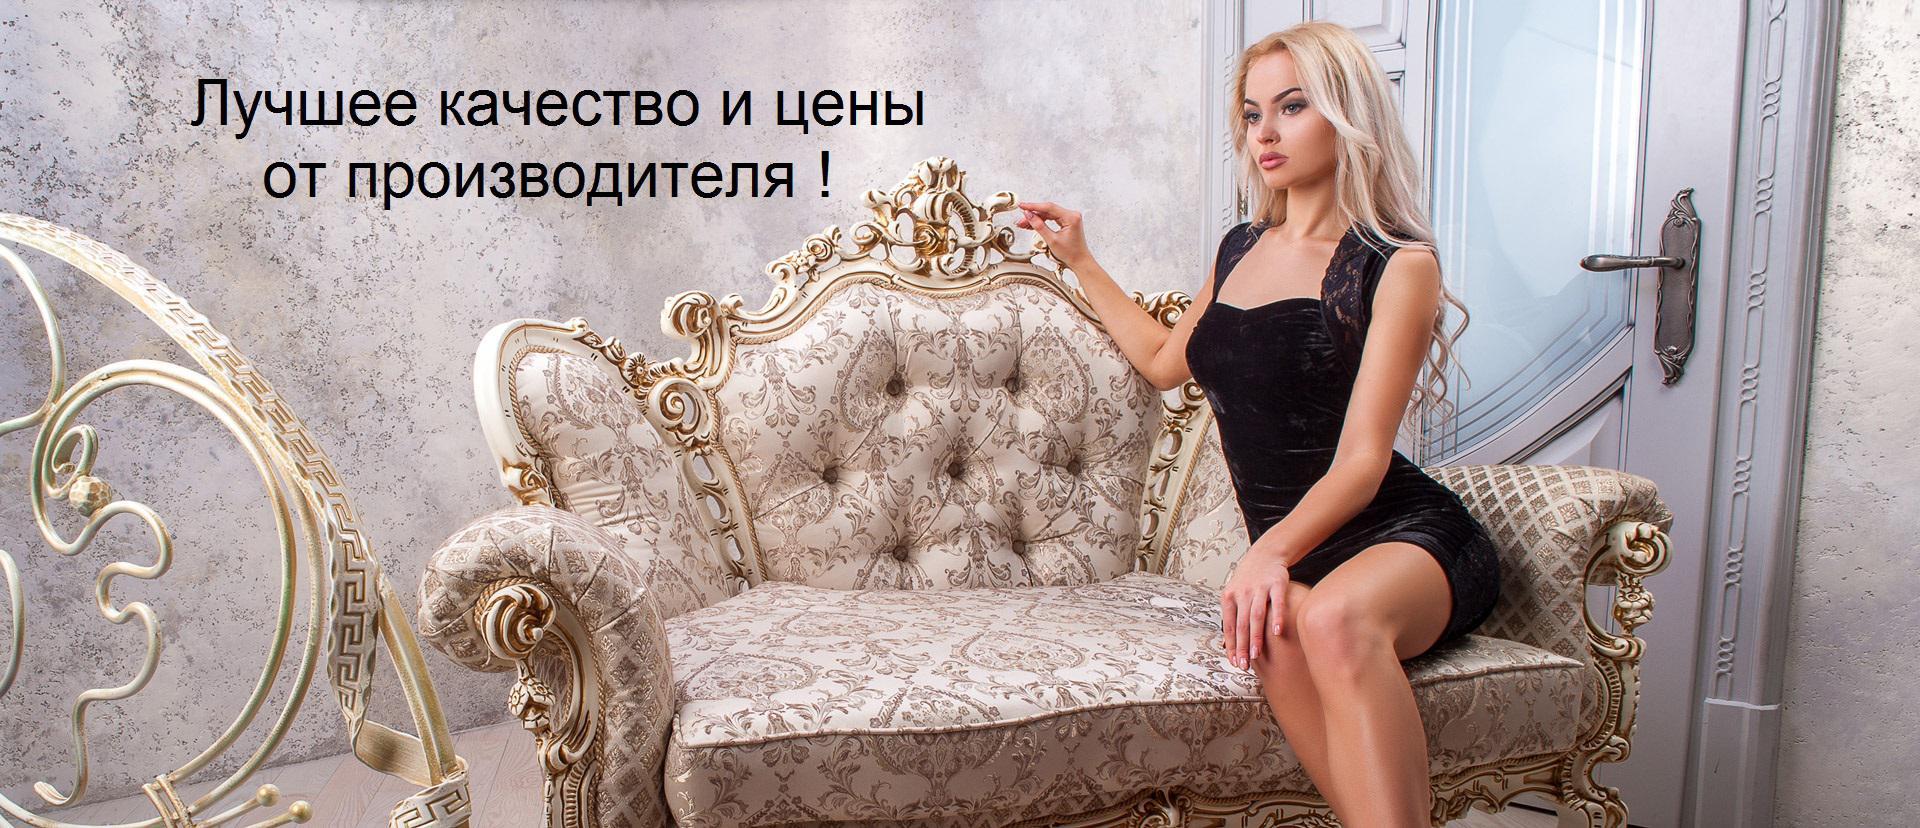 0c895bf7d98 Платье женское трикотажное отделка кружево СТ№832422